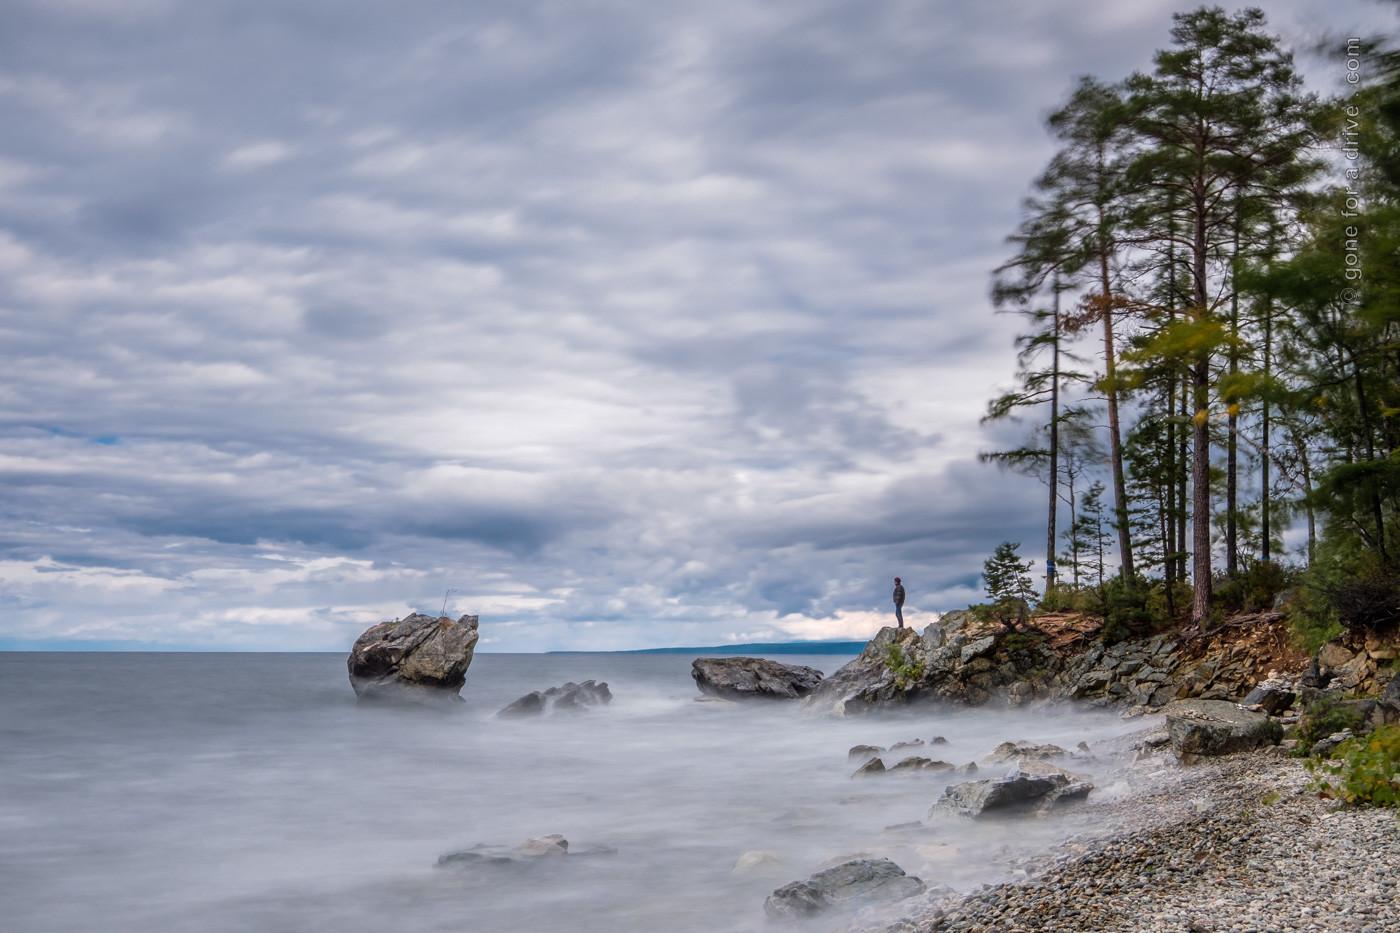 Schildkröten-Felsen am Baikalsee, Russland